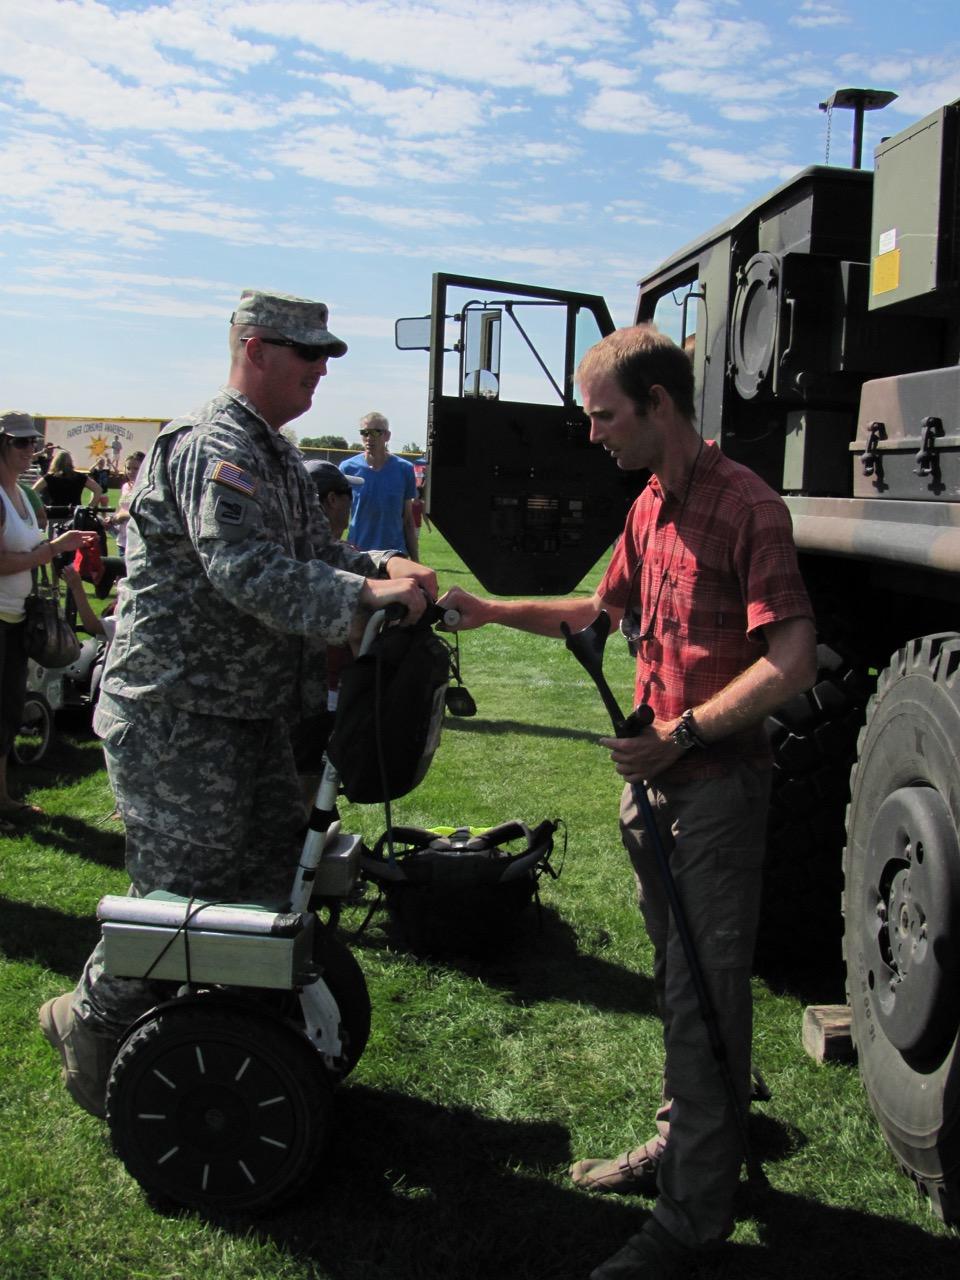 Rencontre avec des militaires gyropode Segway